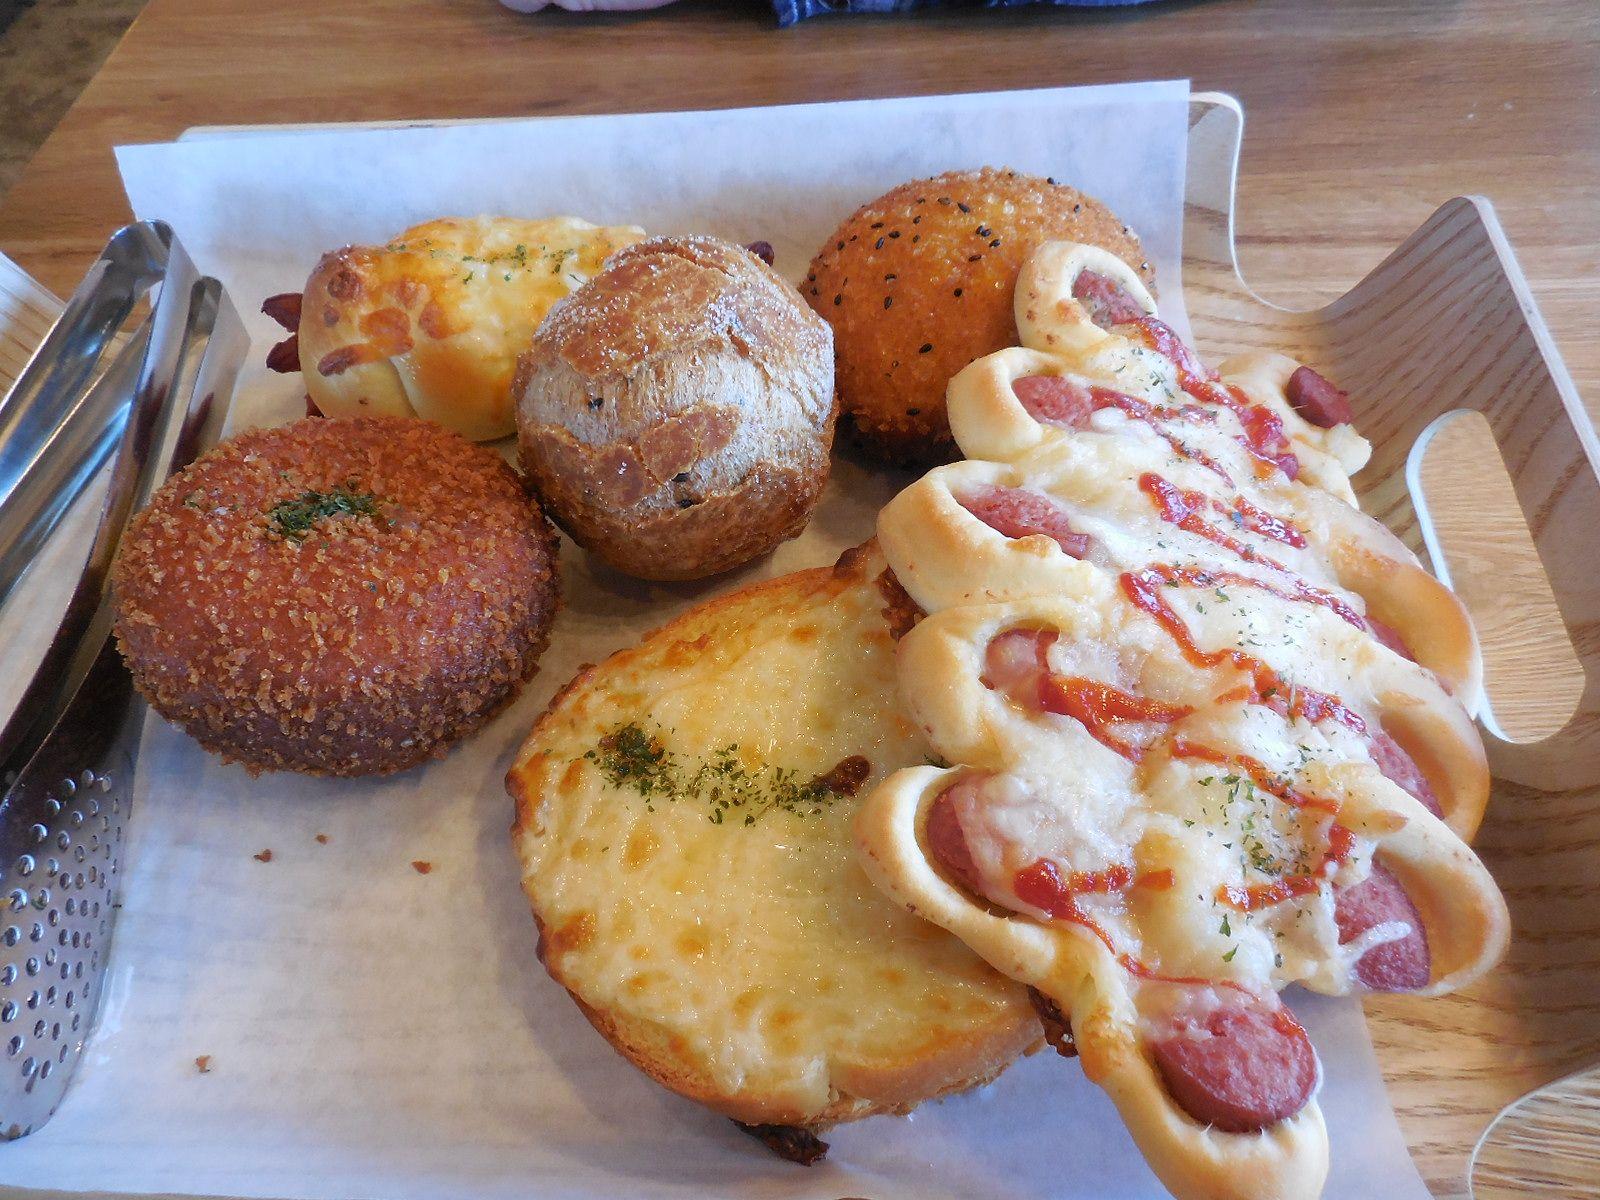 Tous les Jours Bakery Cafe, Beaverton, Oregon Their fresh